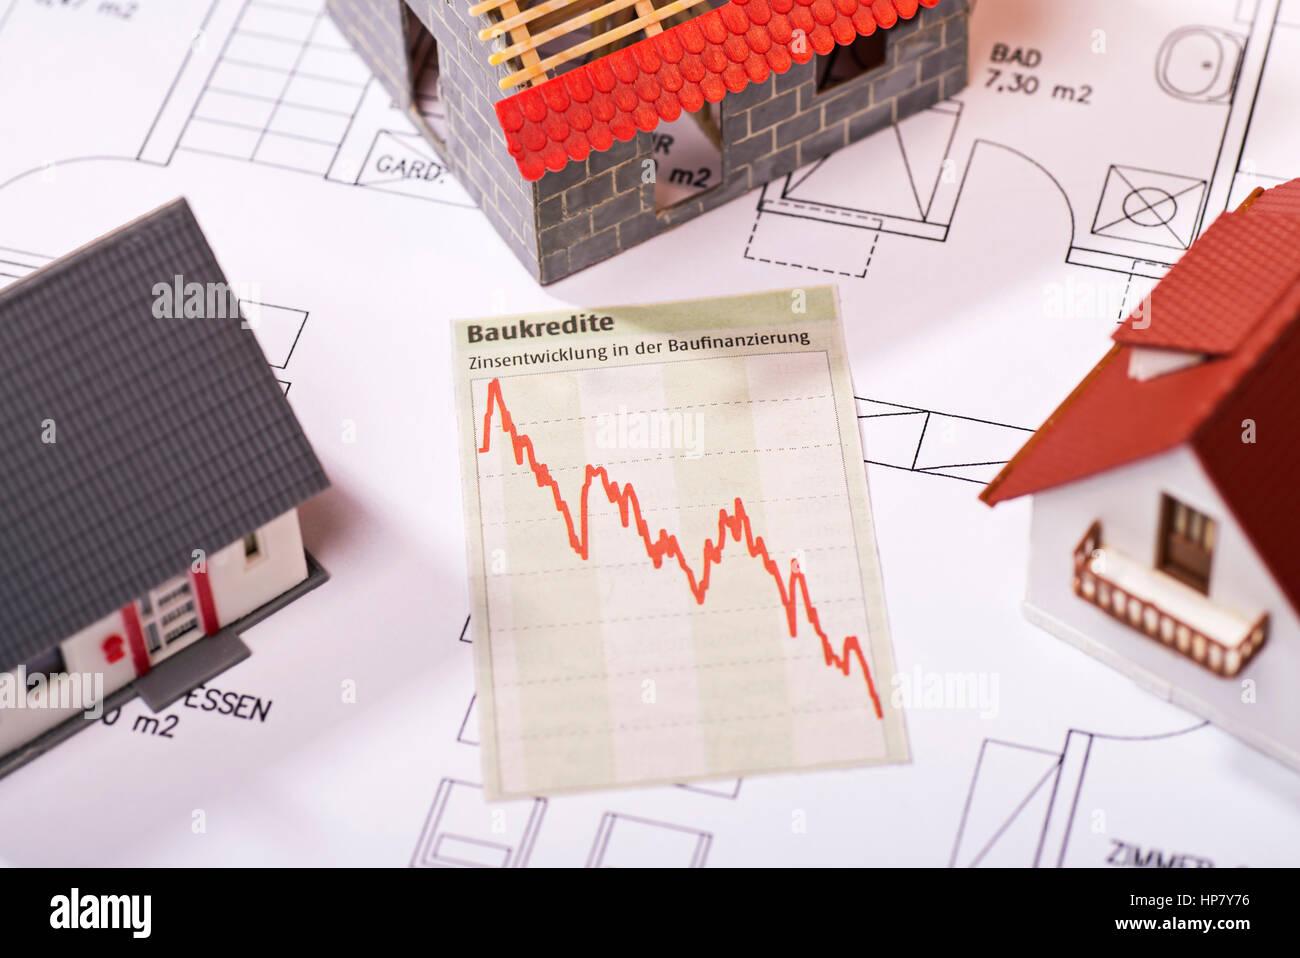 Diagramm zeigt sinkende Zinsen für Darlehen. Stockbild